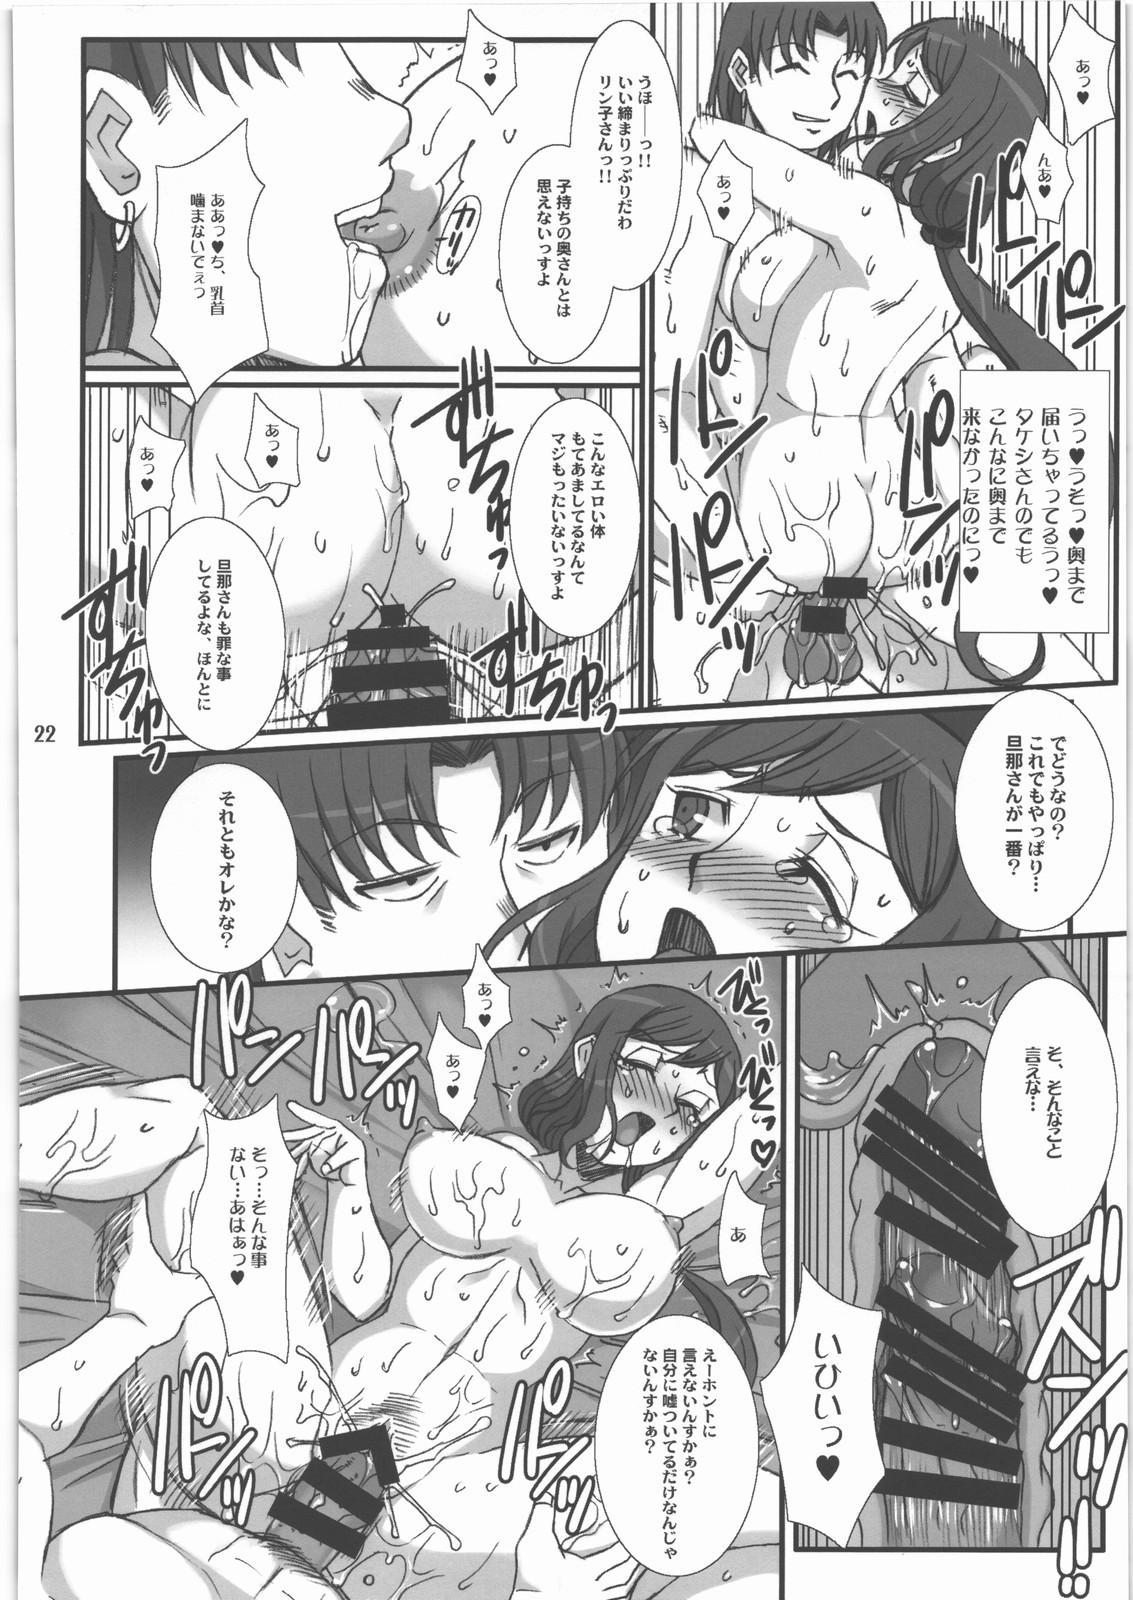 (C85) [H.B (B-RIVER)] Rin toshite Saku Hana no You ni - Saenai PlaMo-ya no Onna Tenshu ga Netorareru Monogatari (Gundam Build Fighters) 20